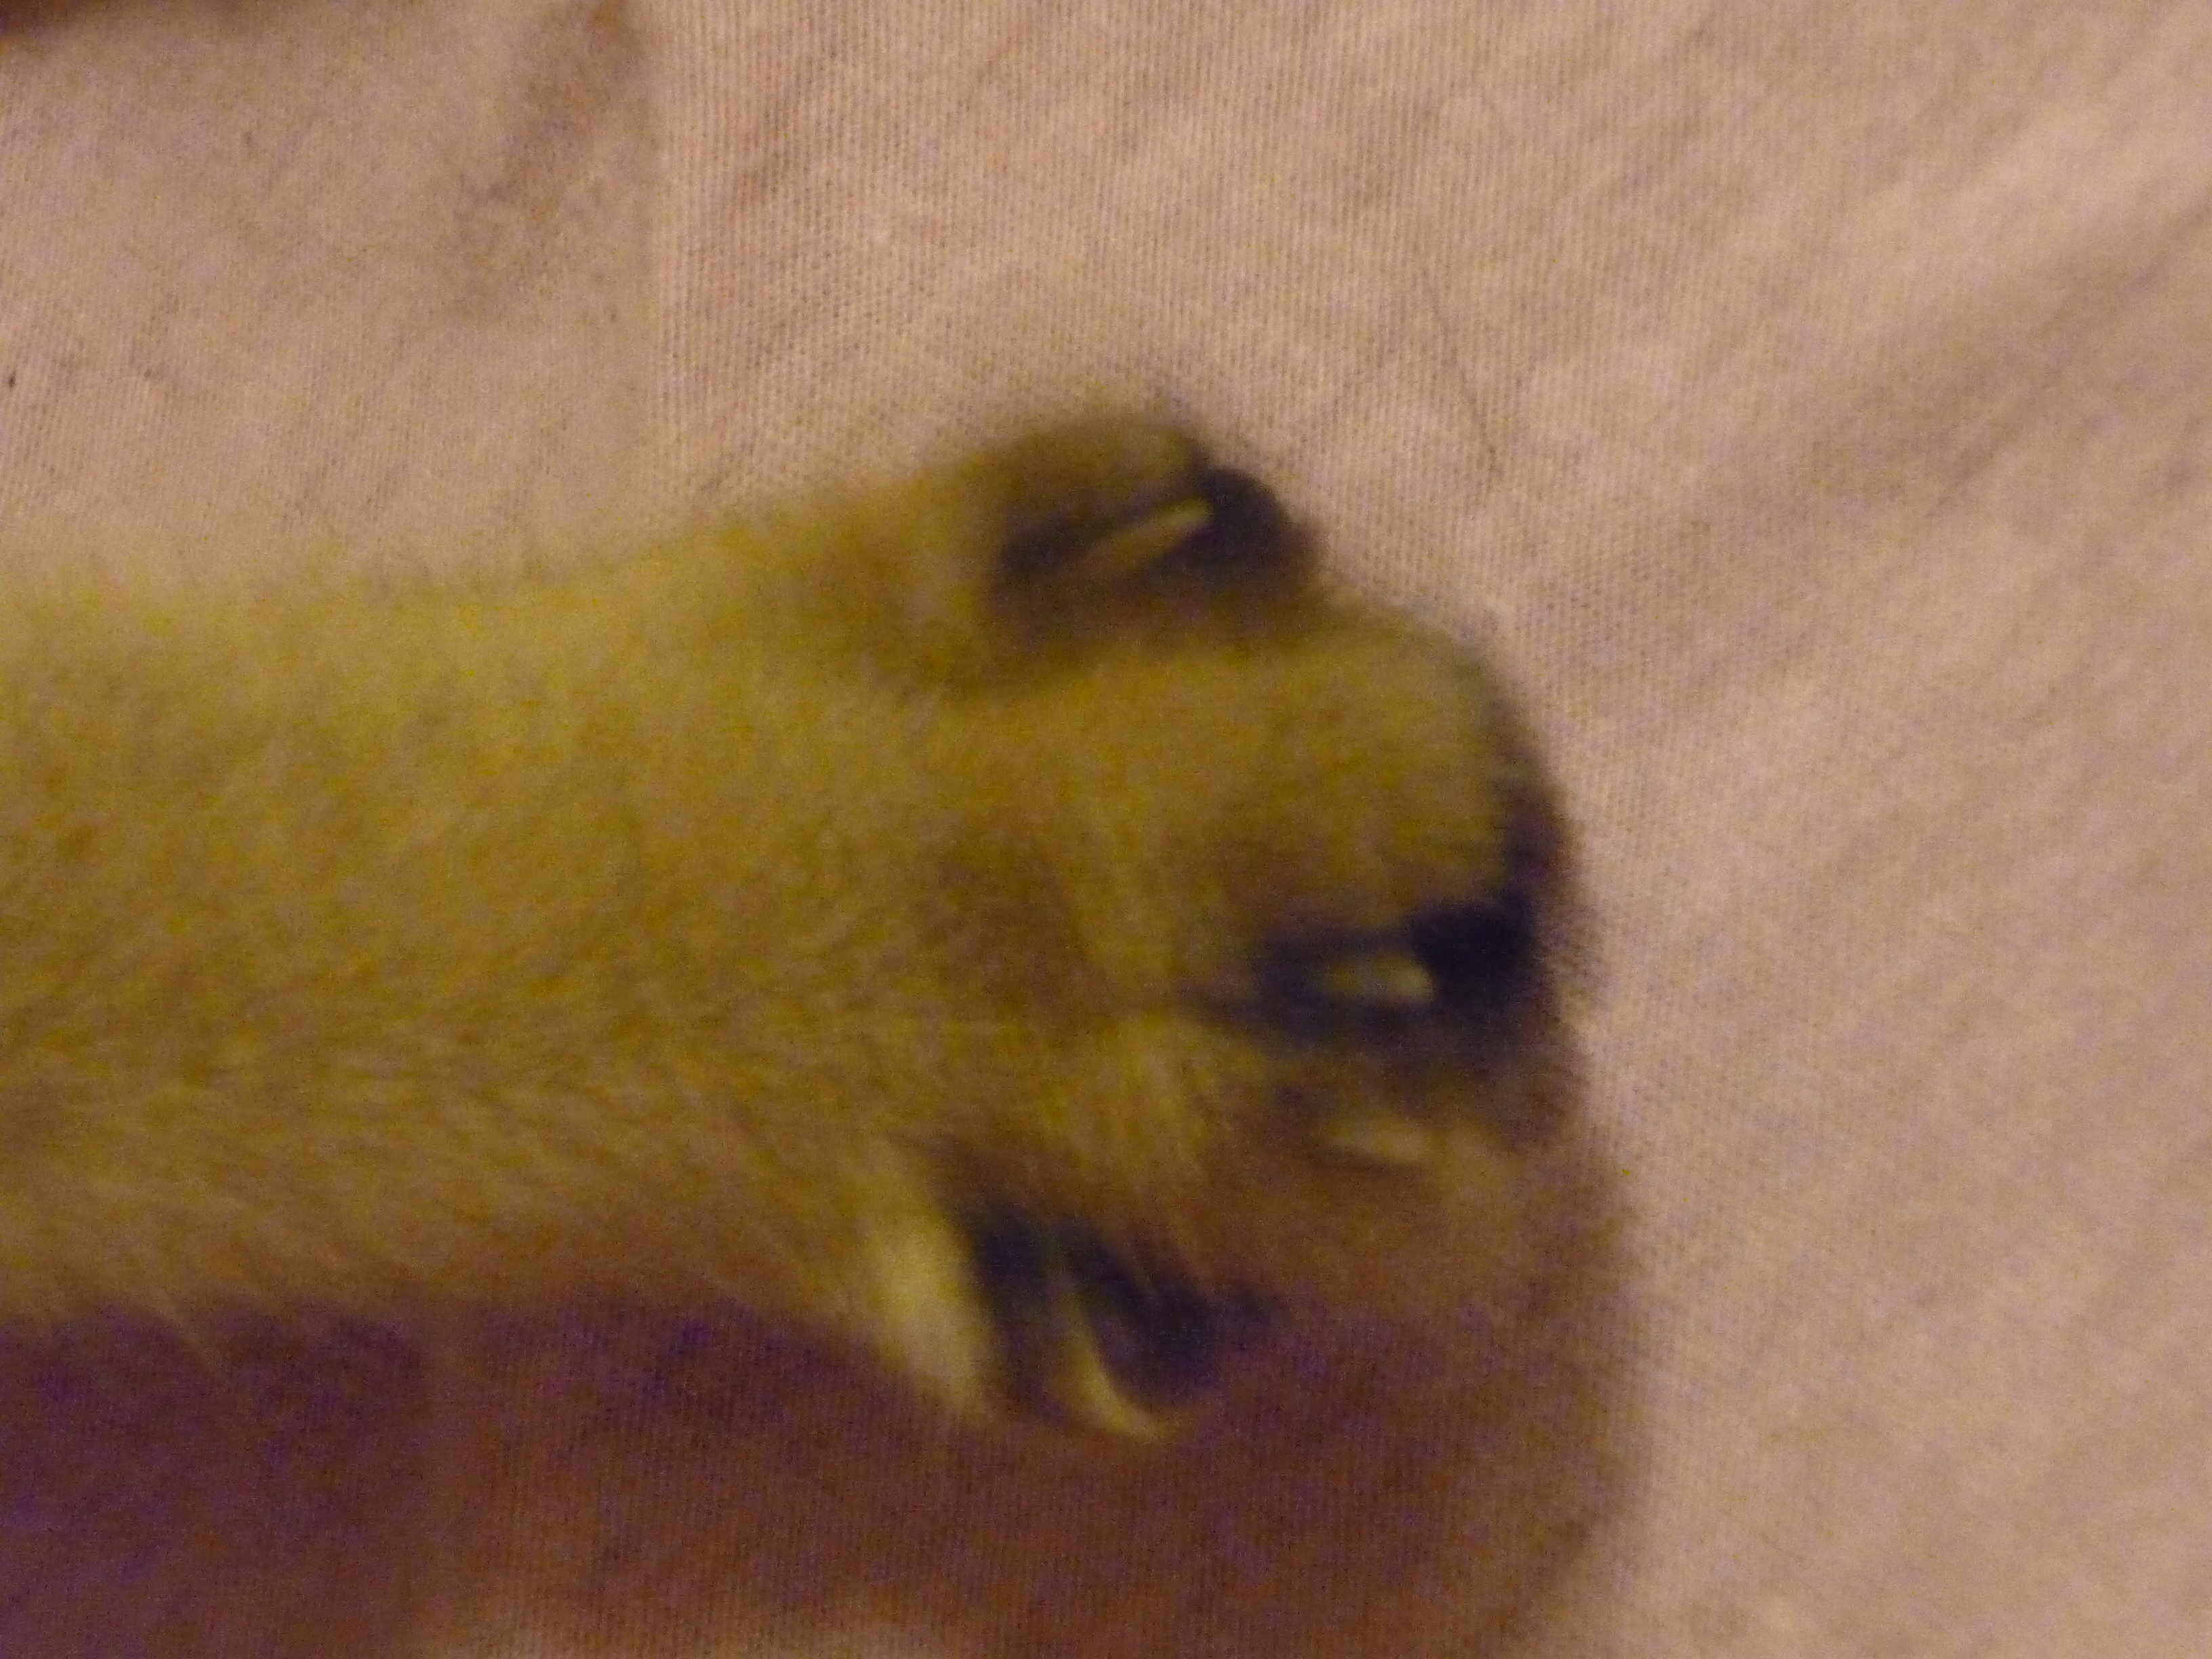 Bruit Griffe Chien Parquet griffes arrières chez le chat? - chats - forum animaux